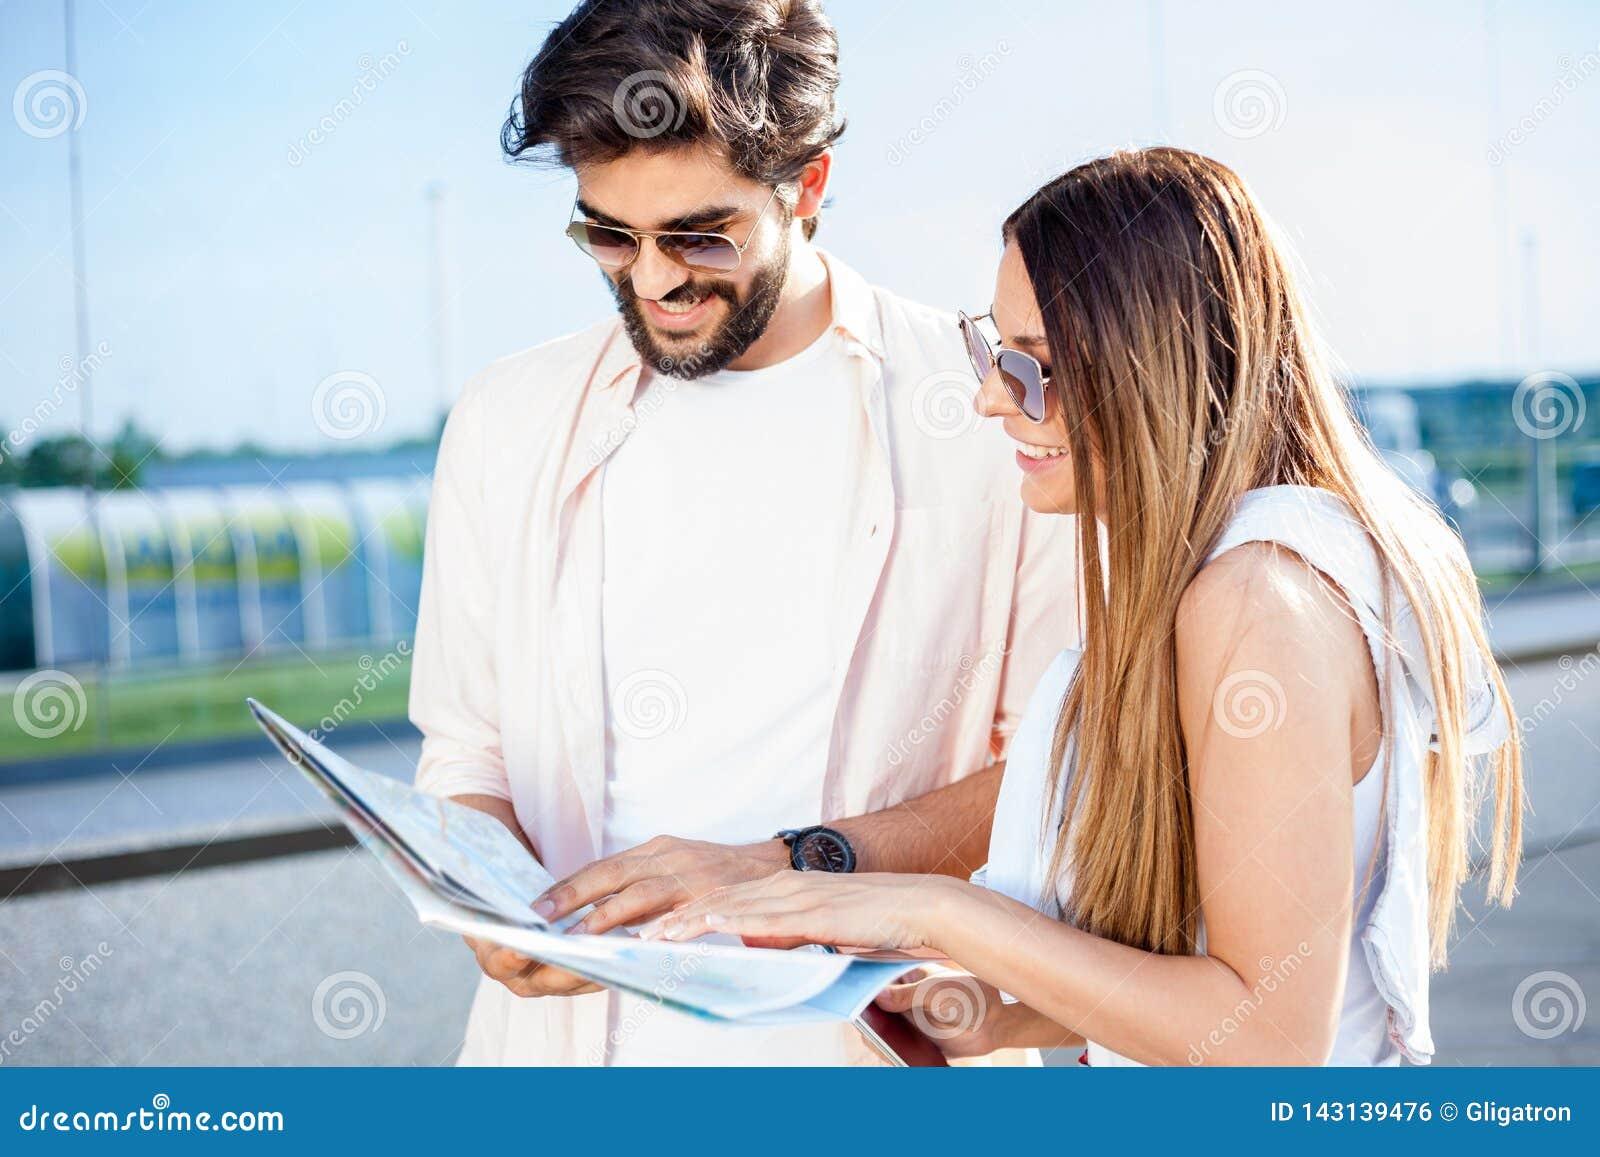 Glückliche junge Paare, die eine Karte betrachten und nach Richtungen suchen